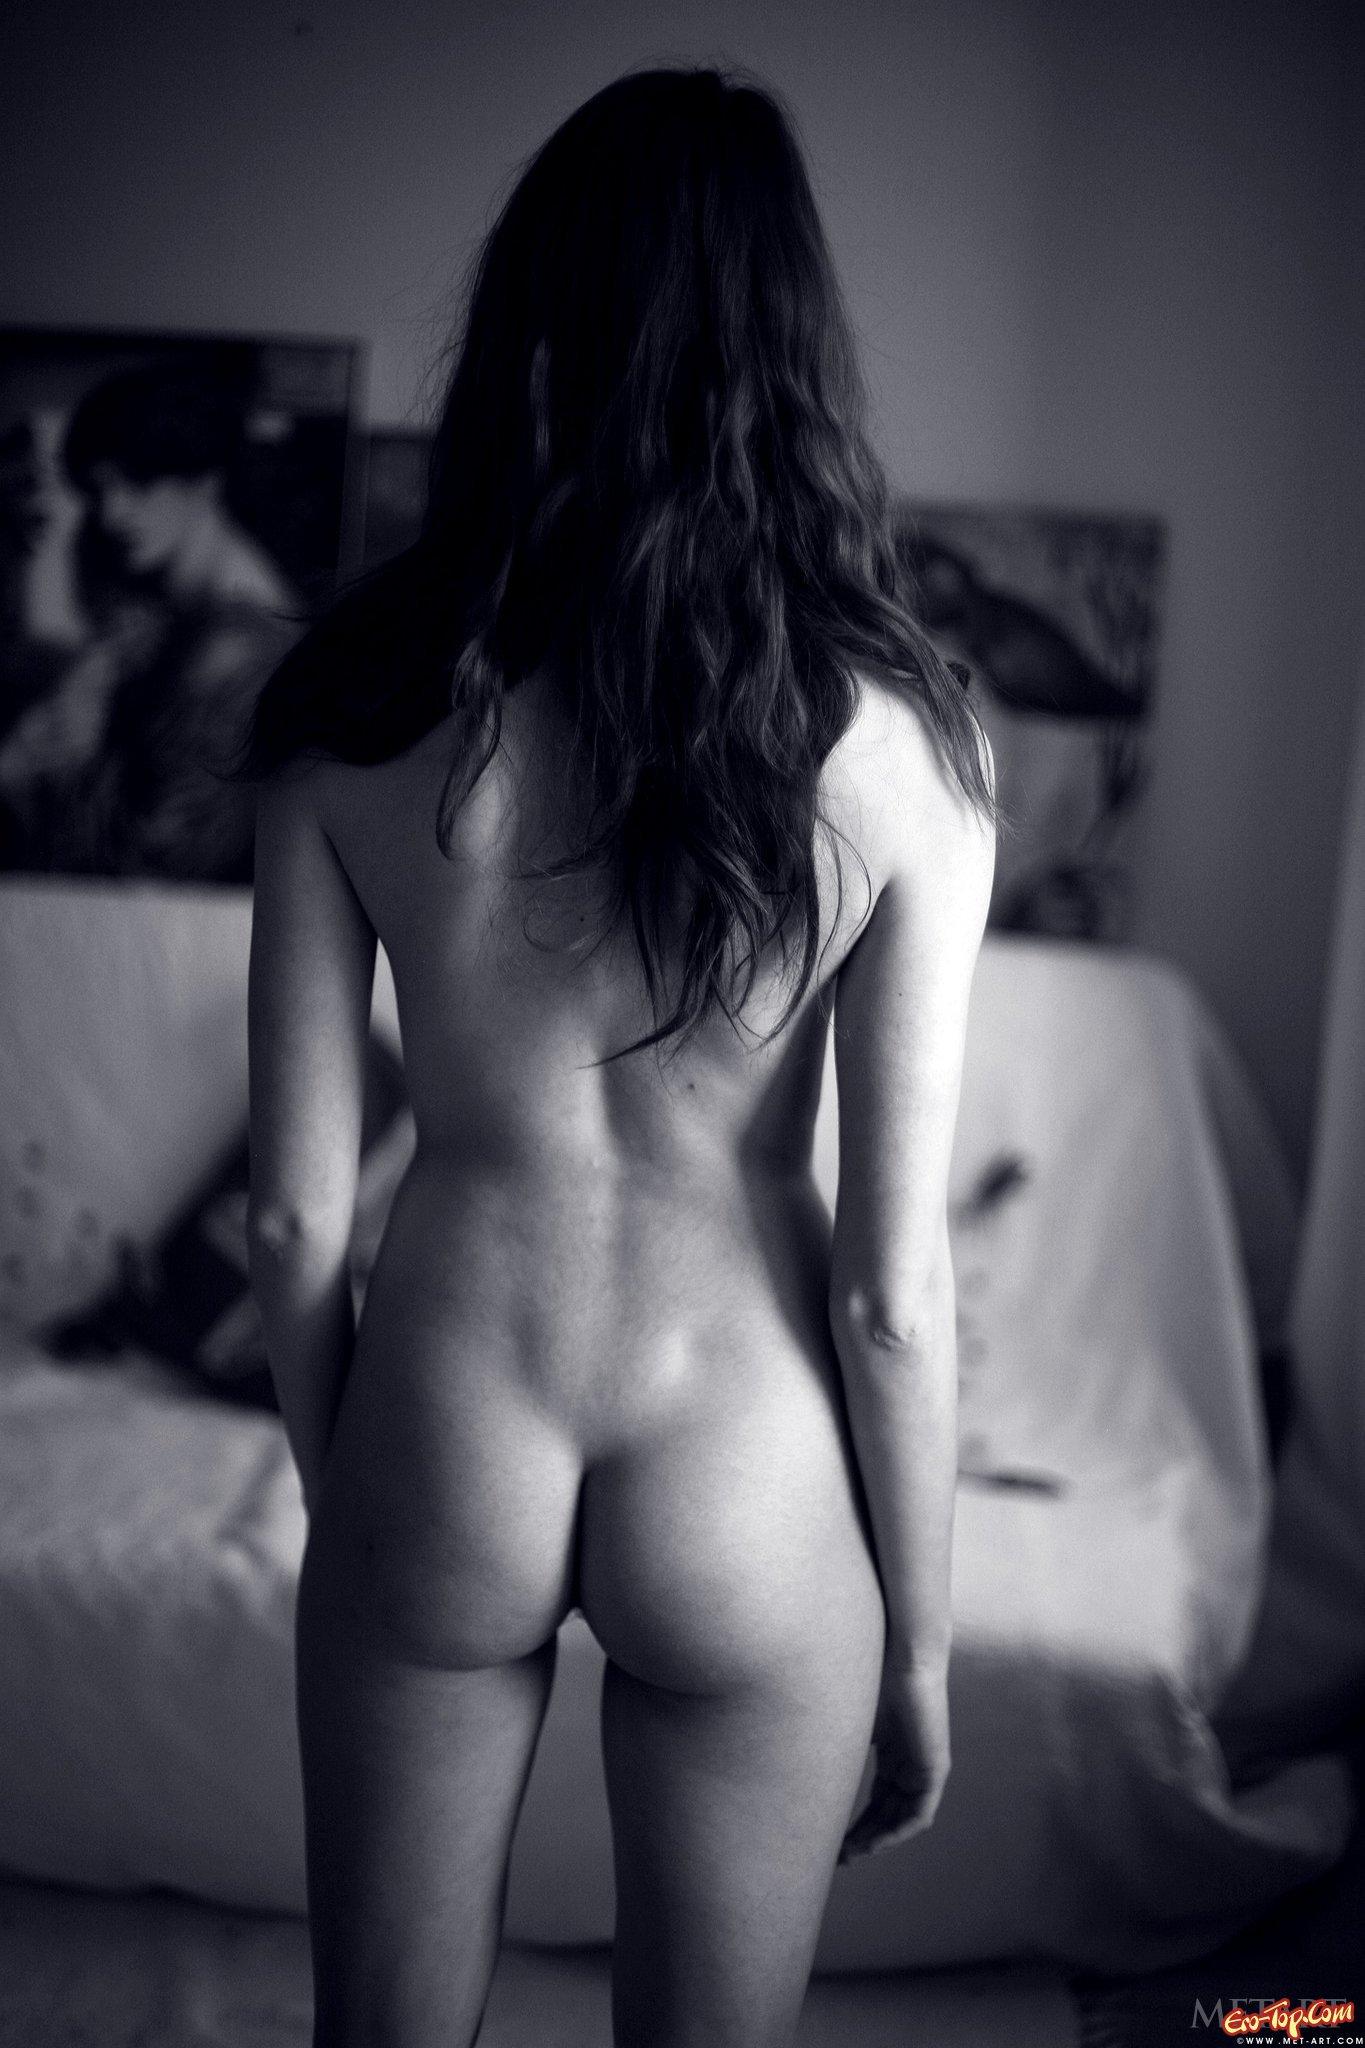 Нагая русая порноактрисса с волосатой писькой